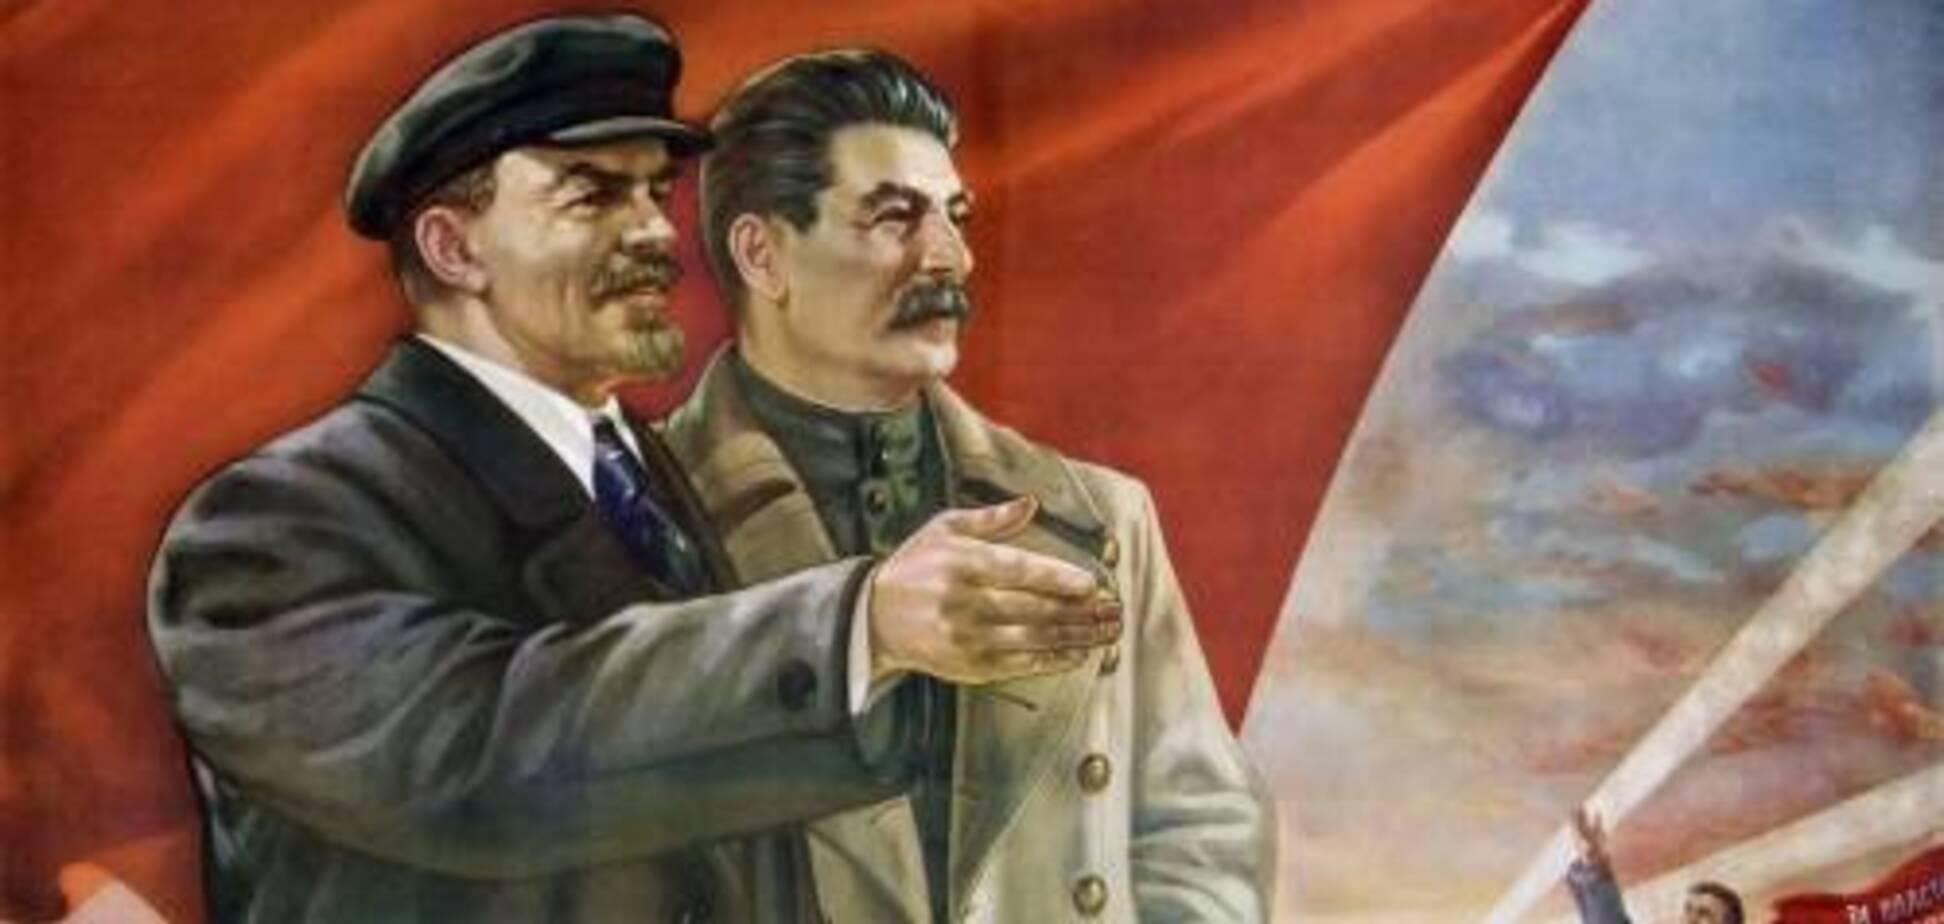 Ленин и Сталин вместо врагов превратились в героев России